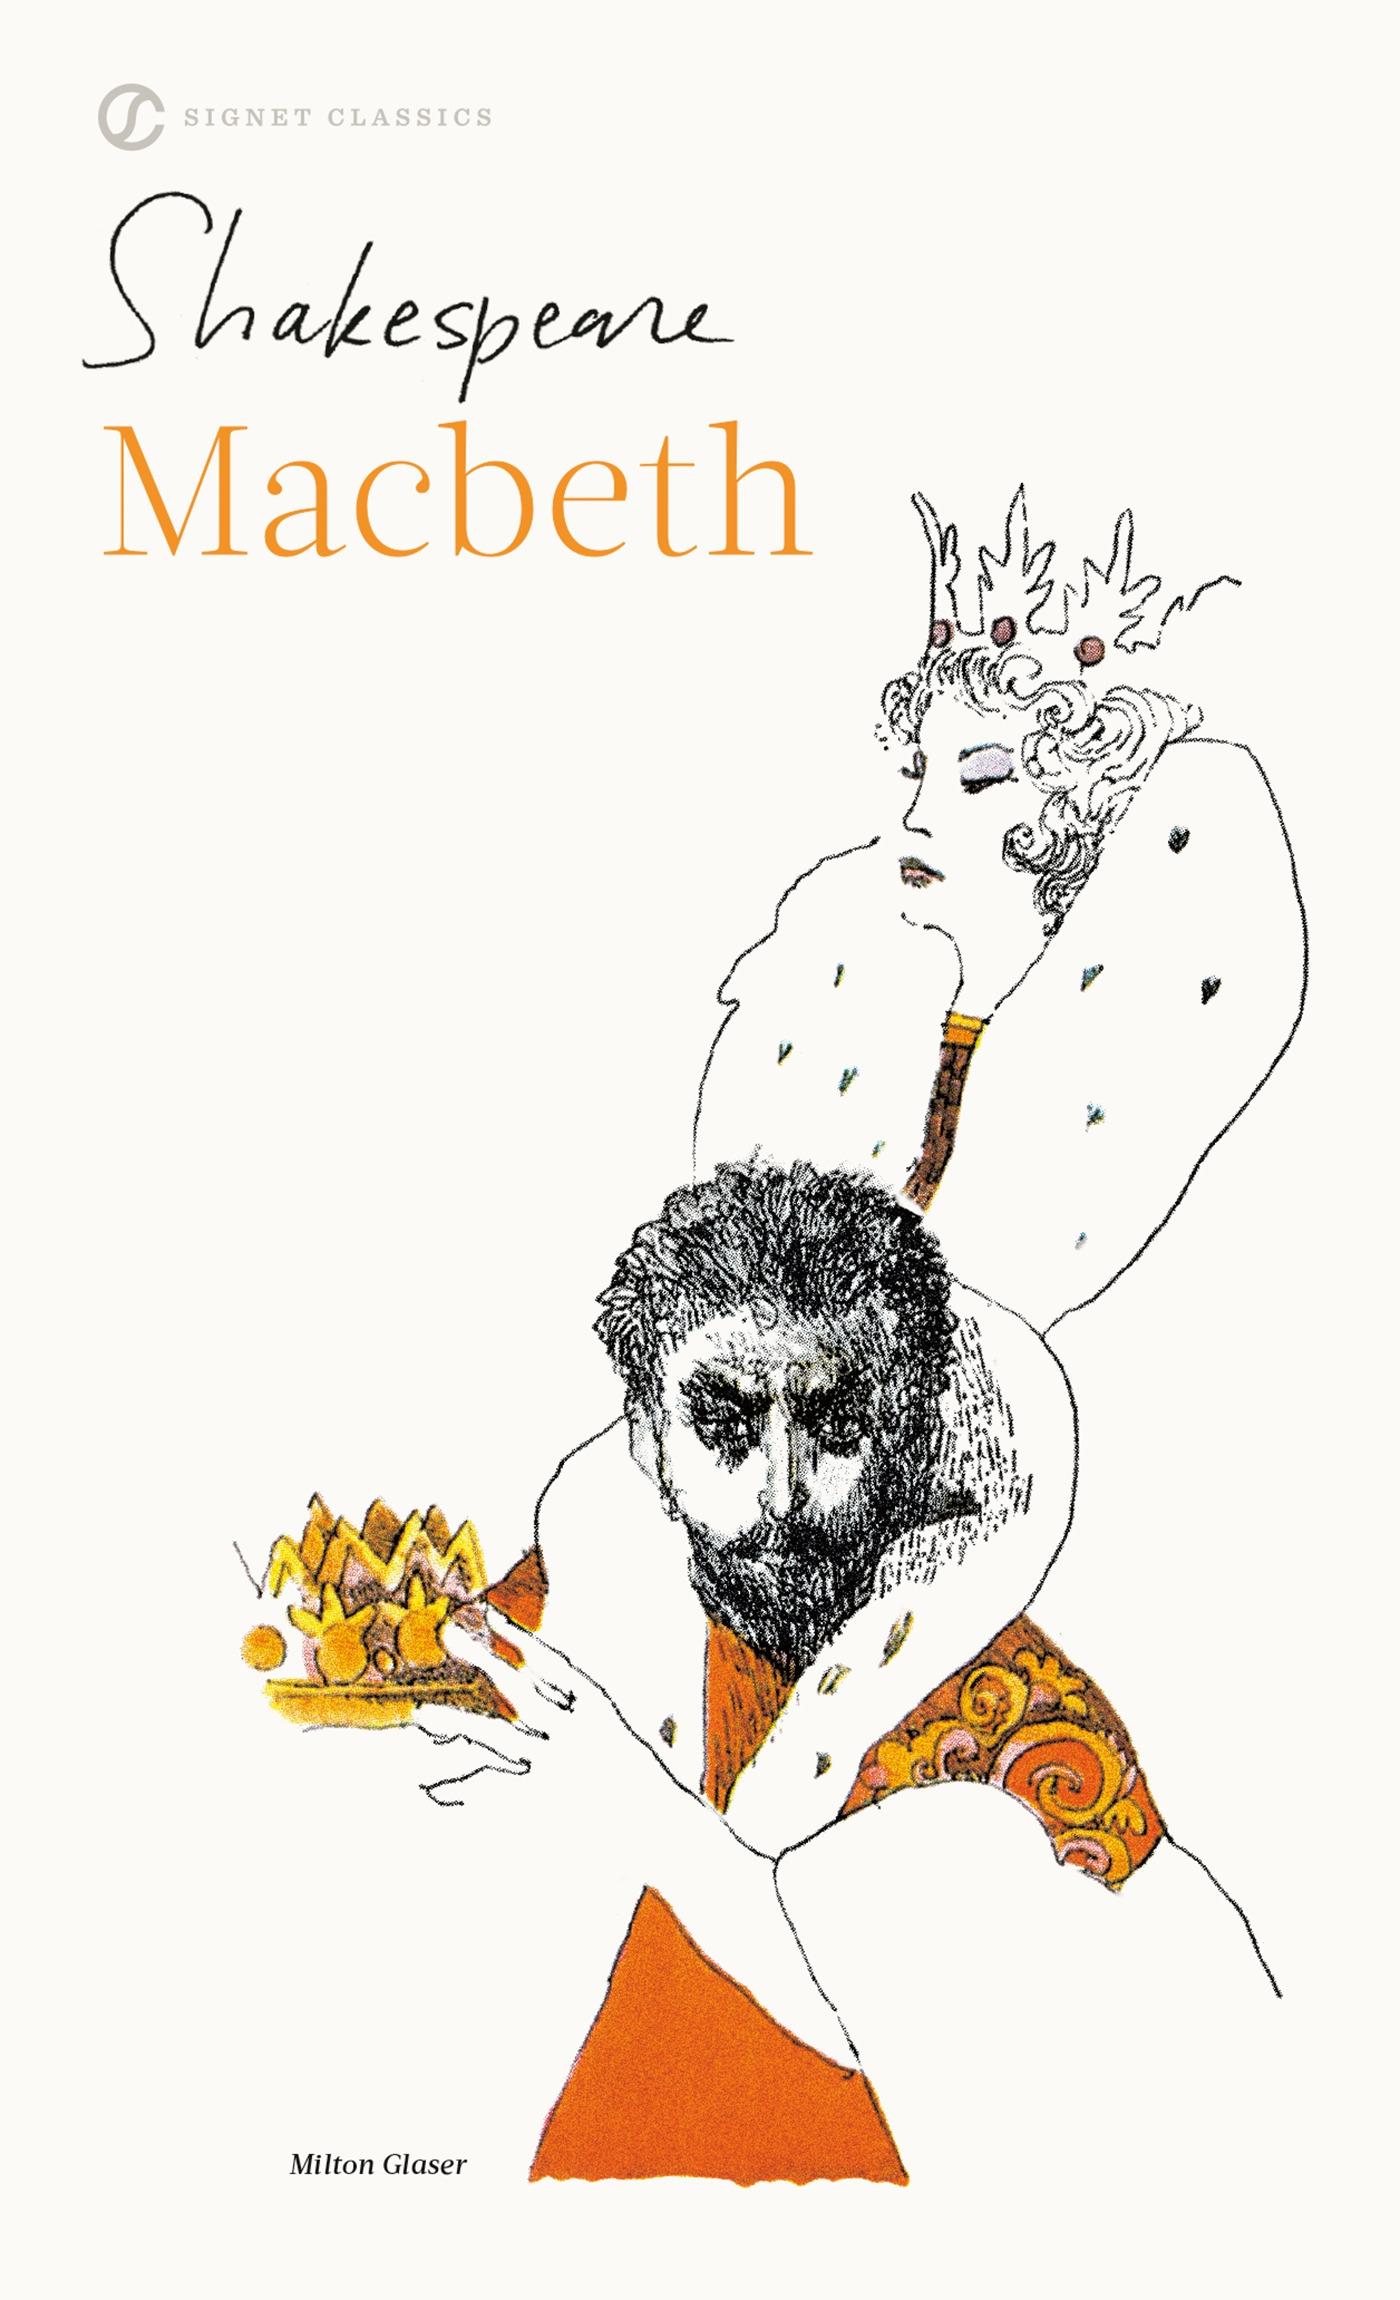 Macbeth publication date in Australia